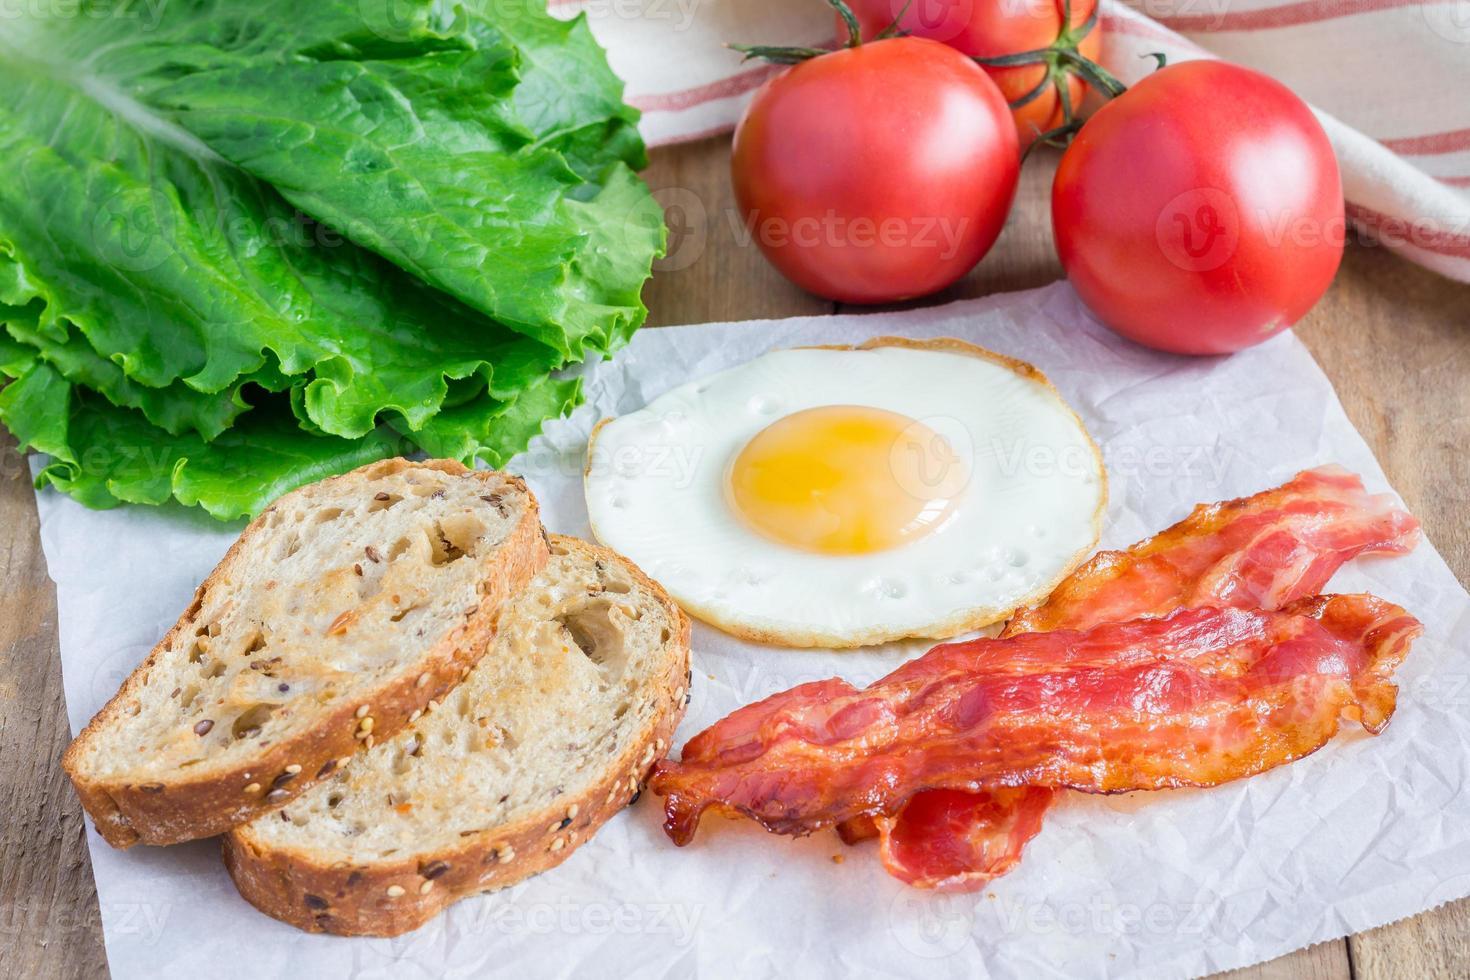 fare un panino a faccia aperta con uova, pancetta, pomodoro e lattuga foto